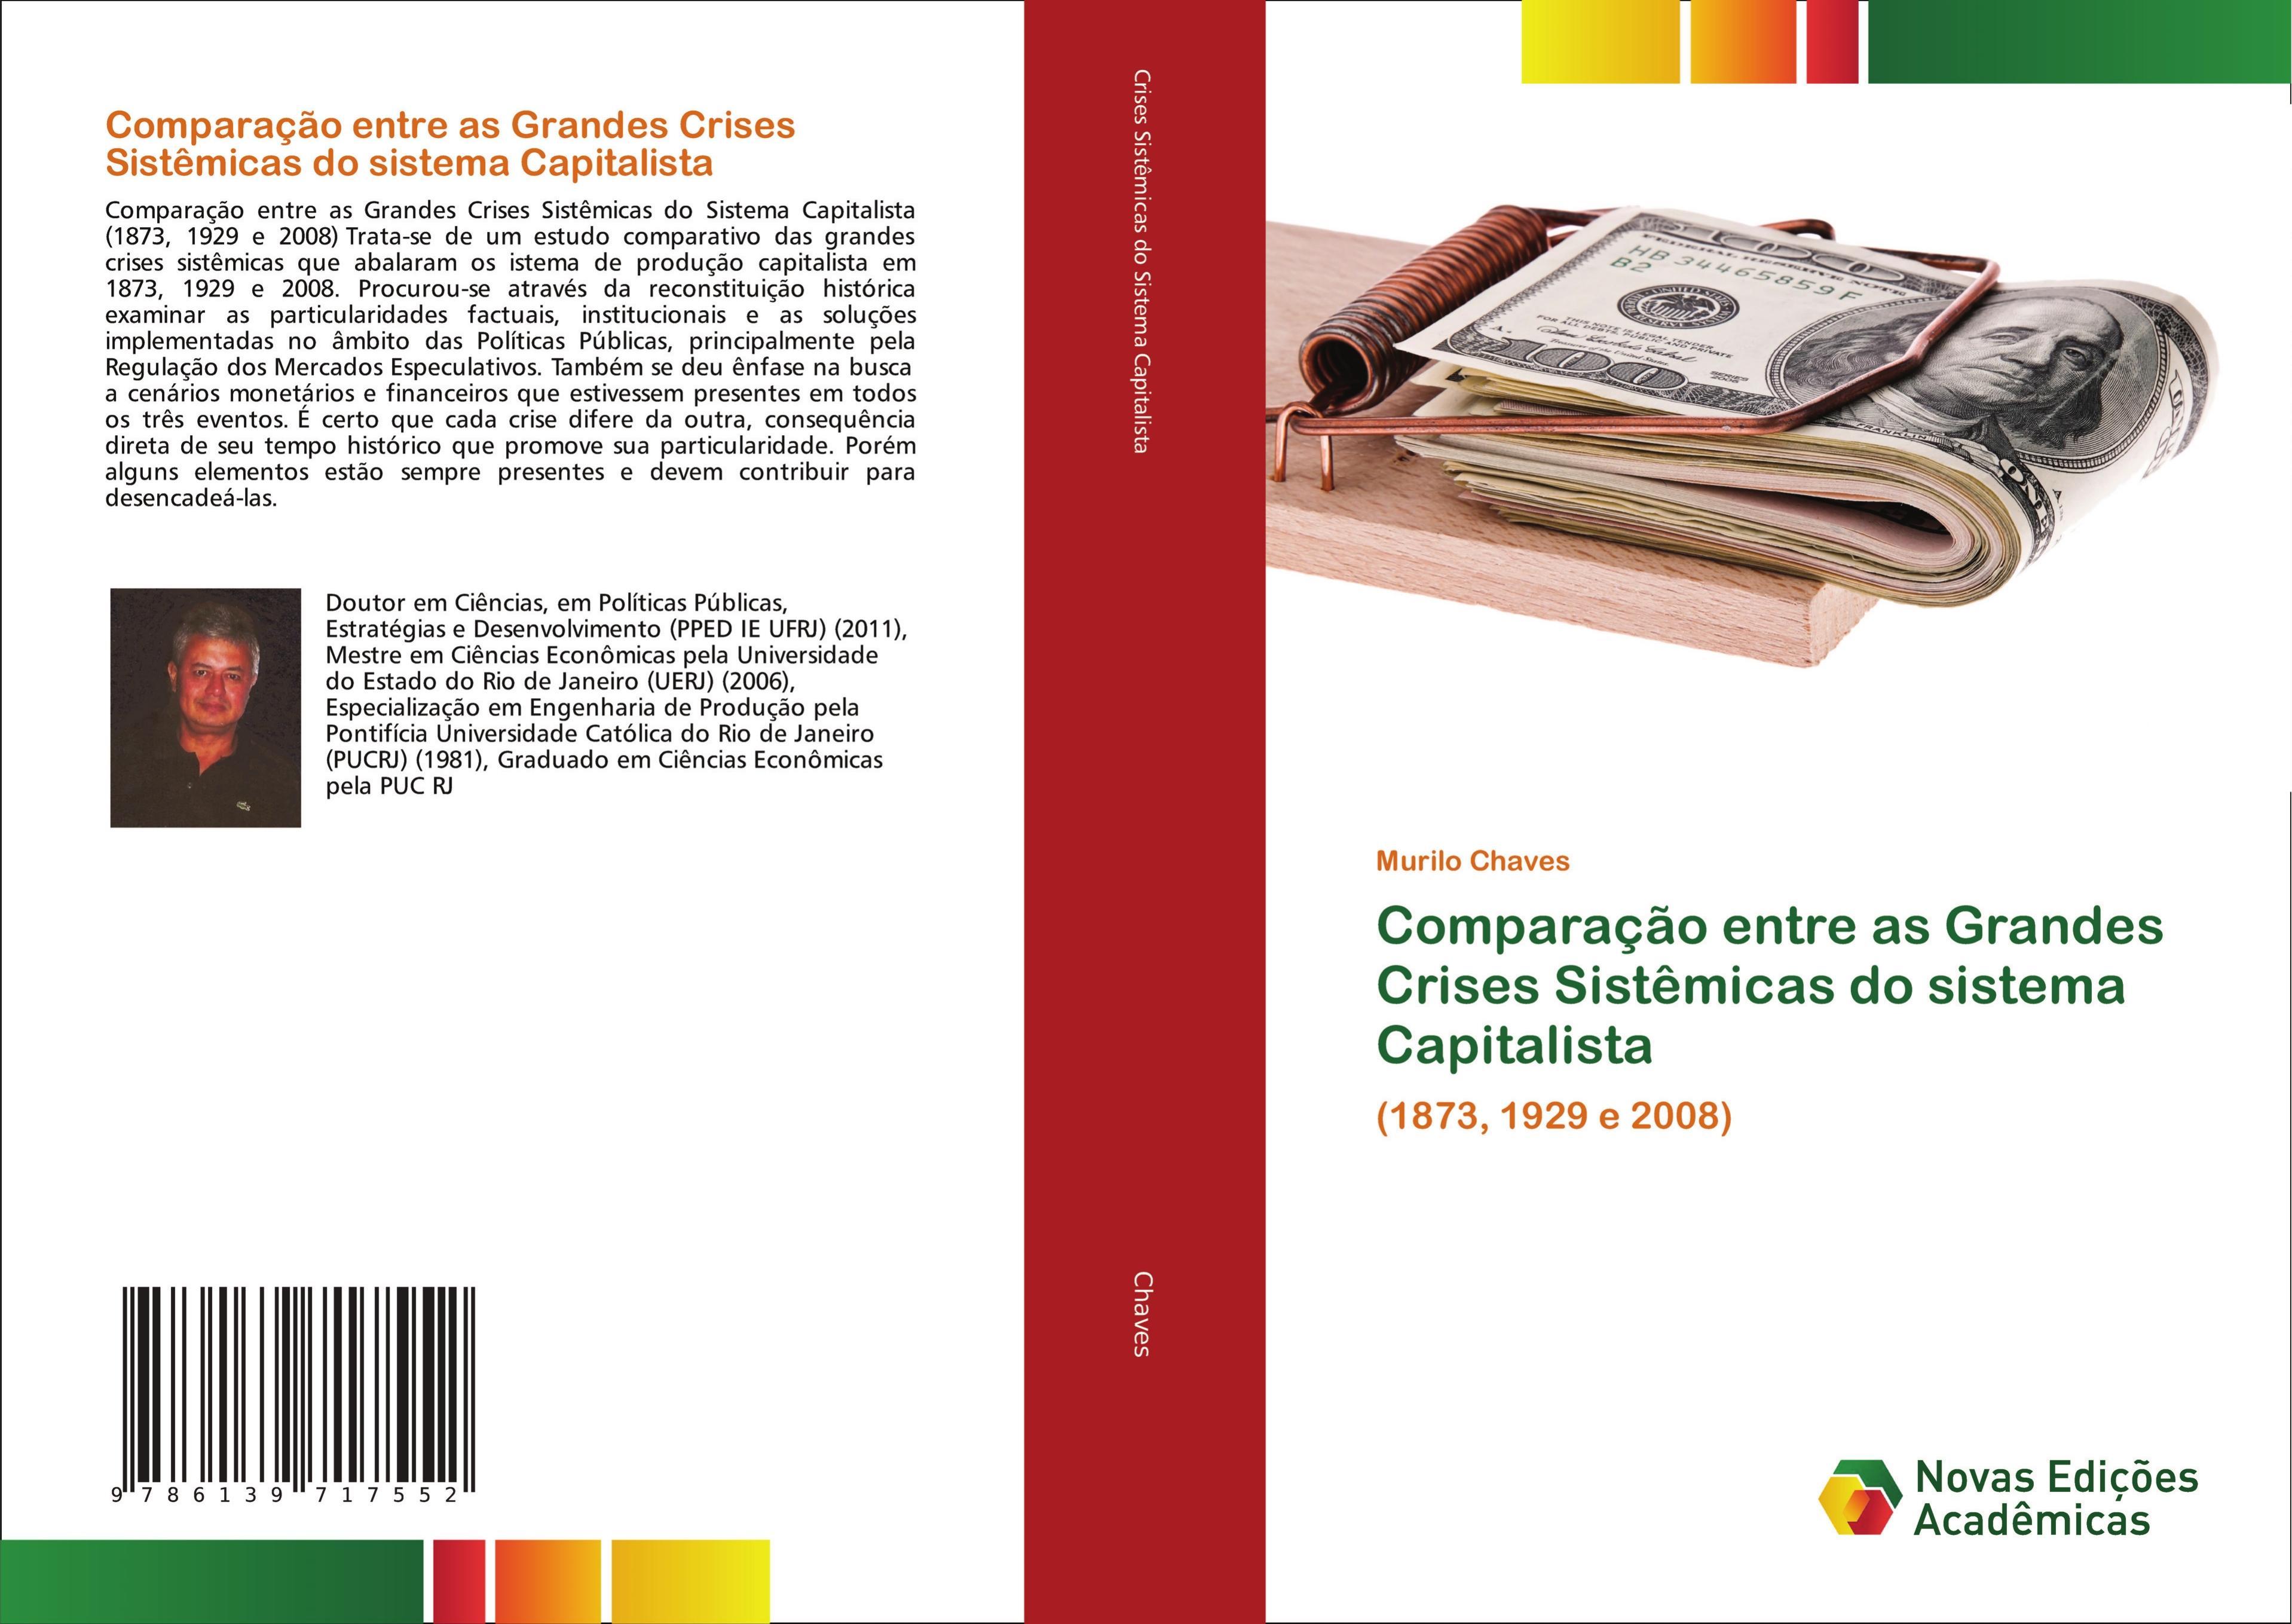 Comparação entre as Grandes Crises Sistêmicas do sistema Capitalista  Murilo Chaves  Taschenbuch  Portugiesisch  2018 - Chaves, Murilo